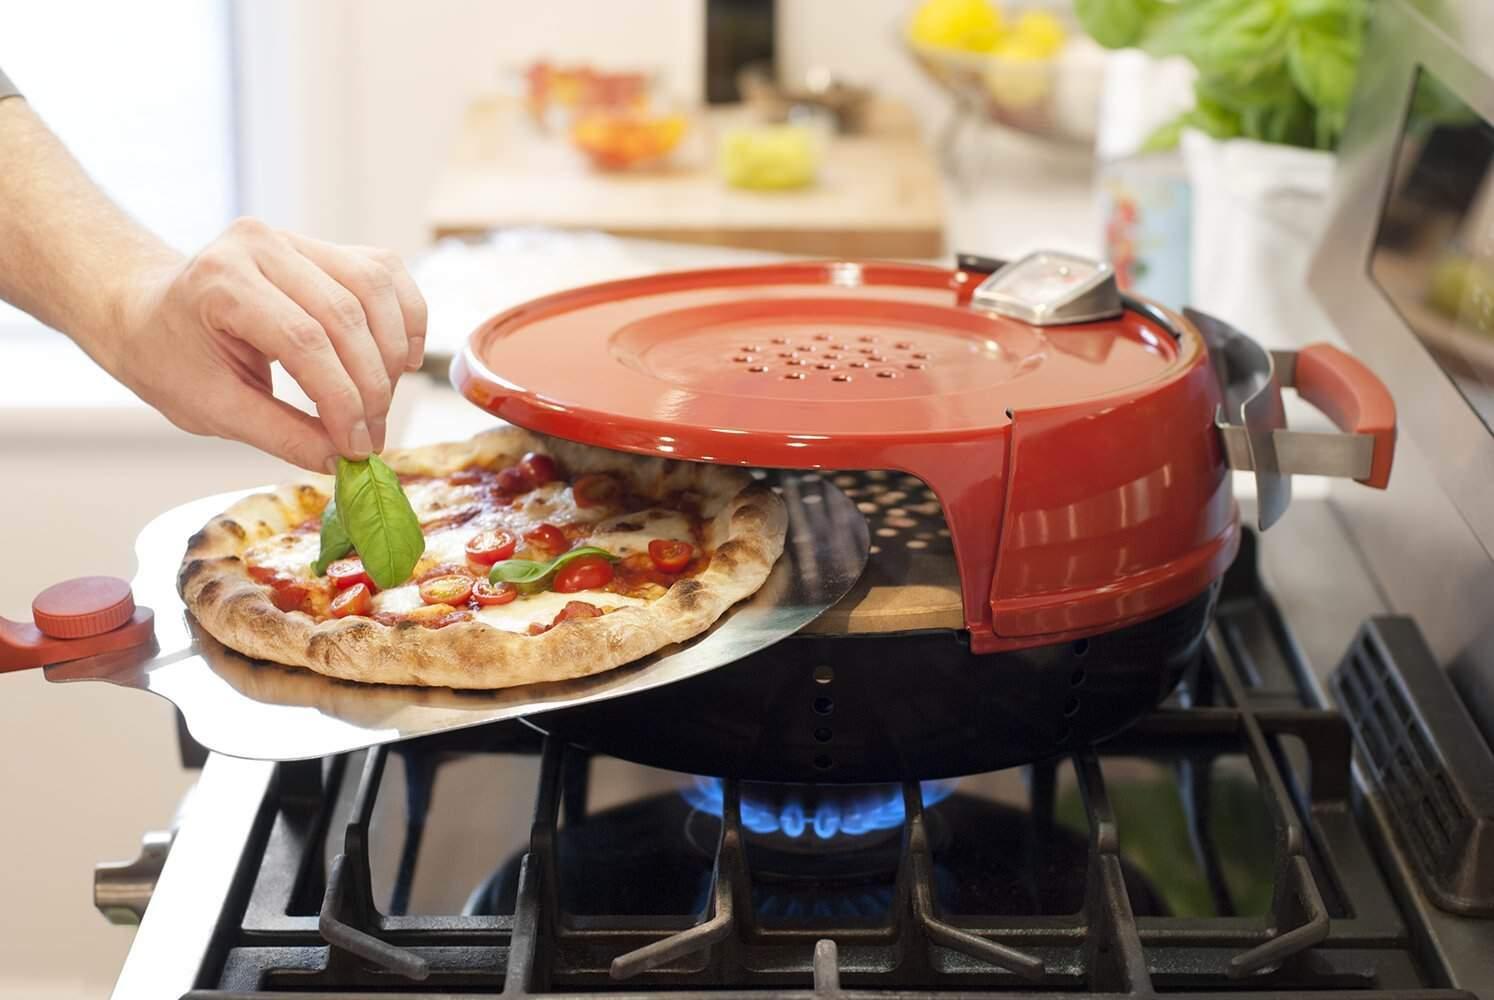 ガスコンロで石窯風ピザが焼けるピザオーブン:Stovetop Pizza Oven